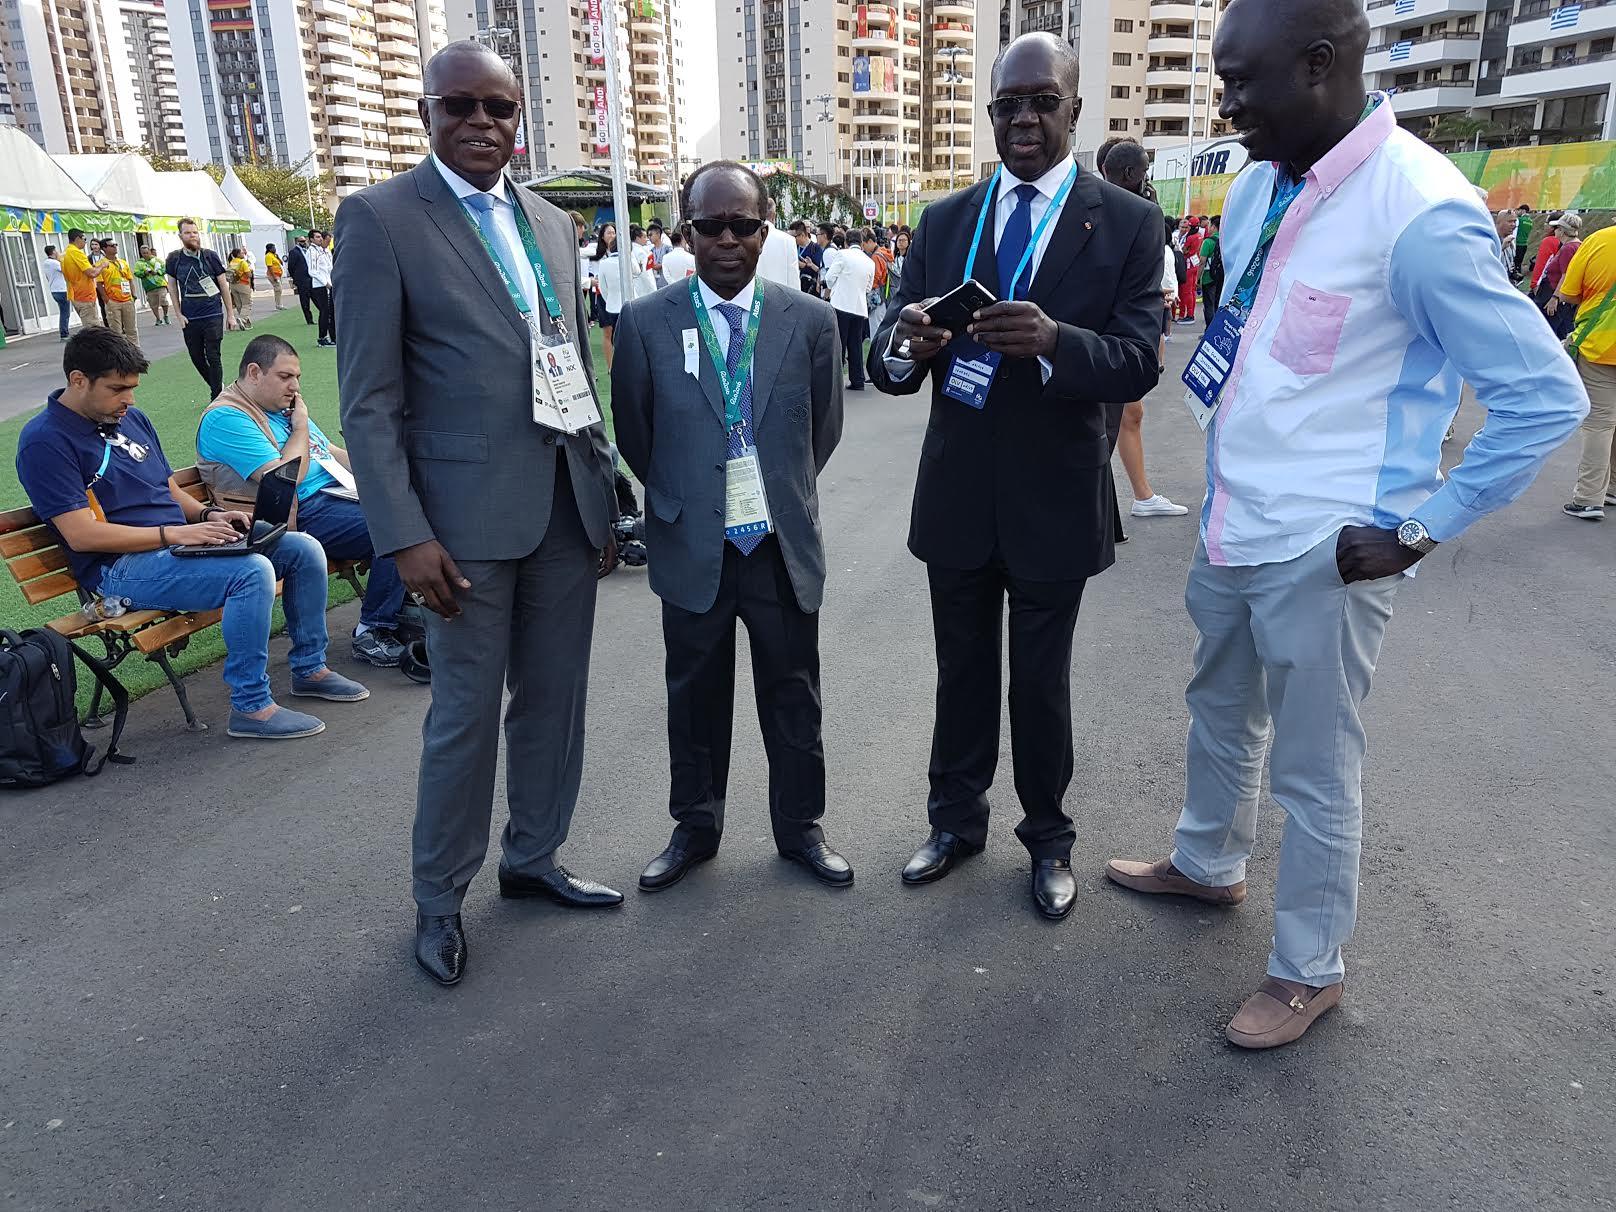 RIO 2016 : Mamadou Diagna Ndiaye au village des athlètes avec le ministre des sports Matar Ba et les officiels sénégalais